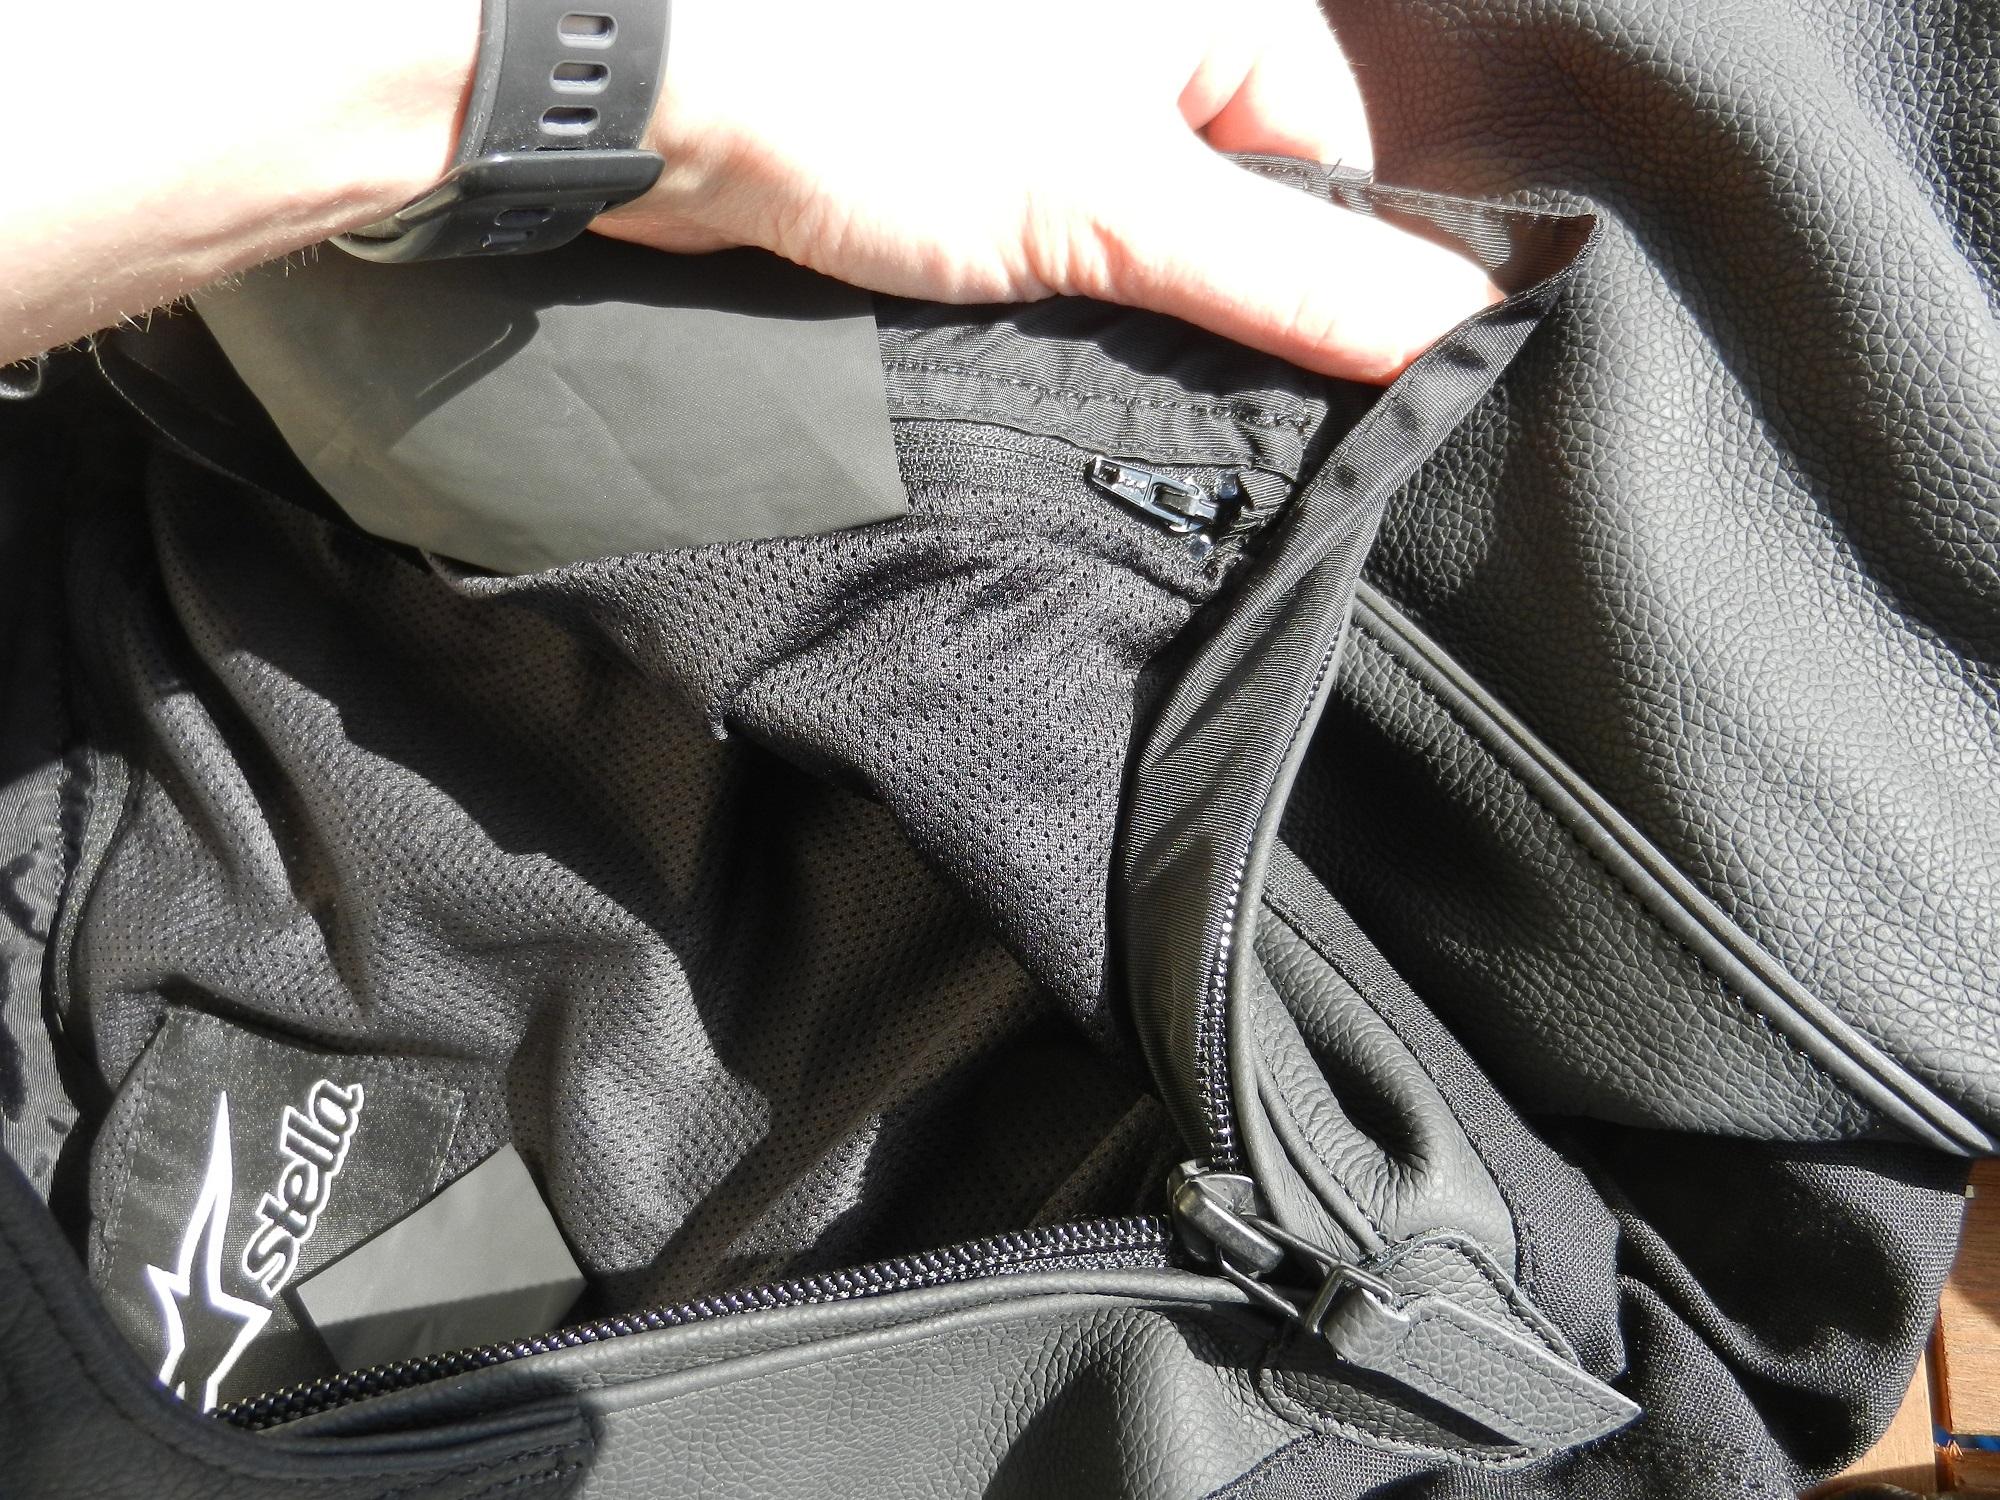 Intérieur du pantalon amovible